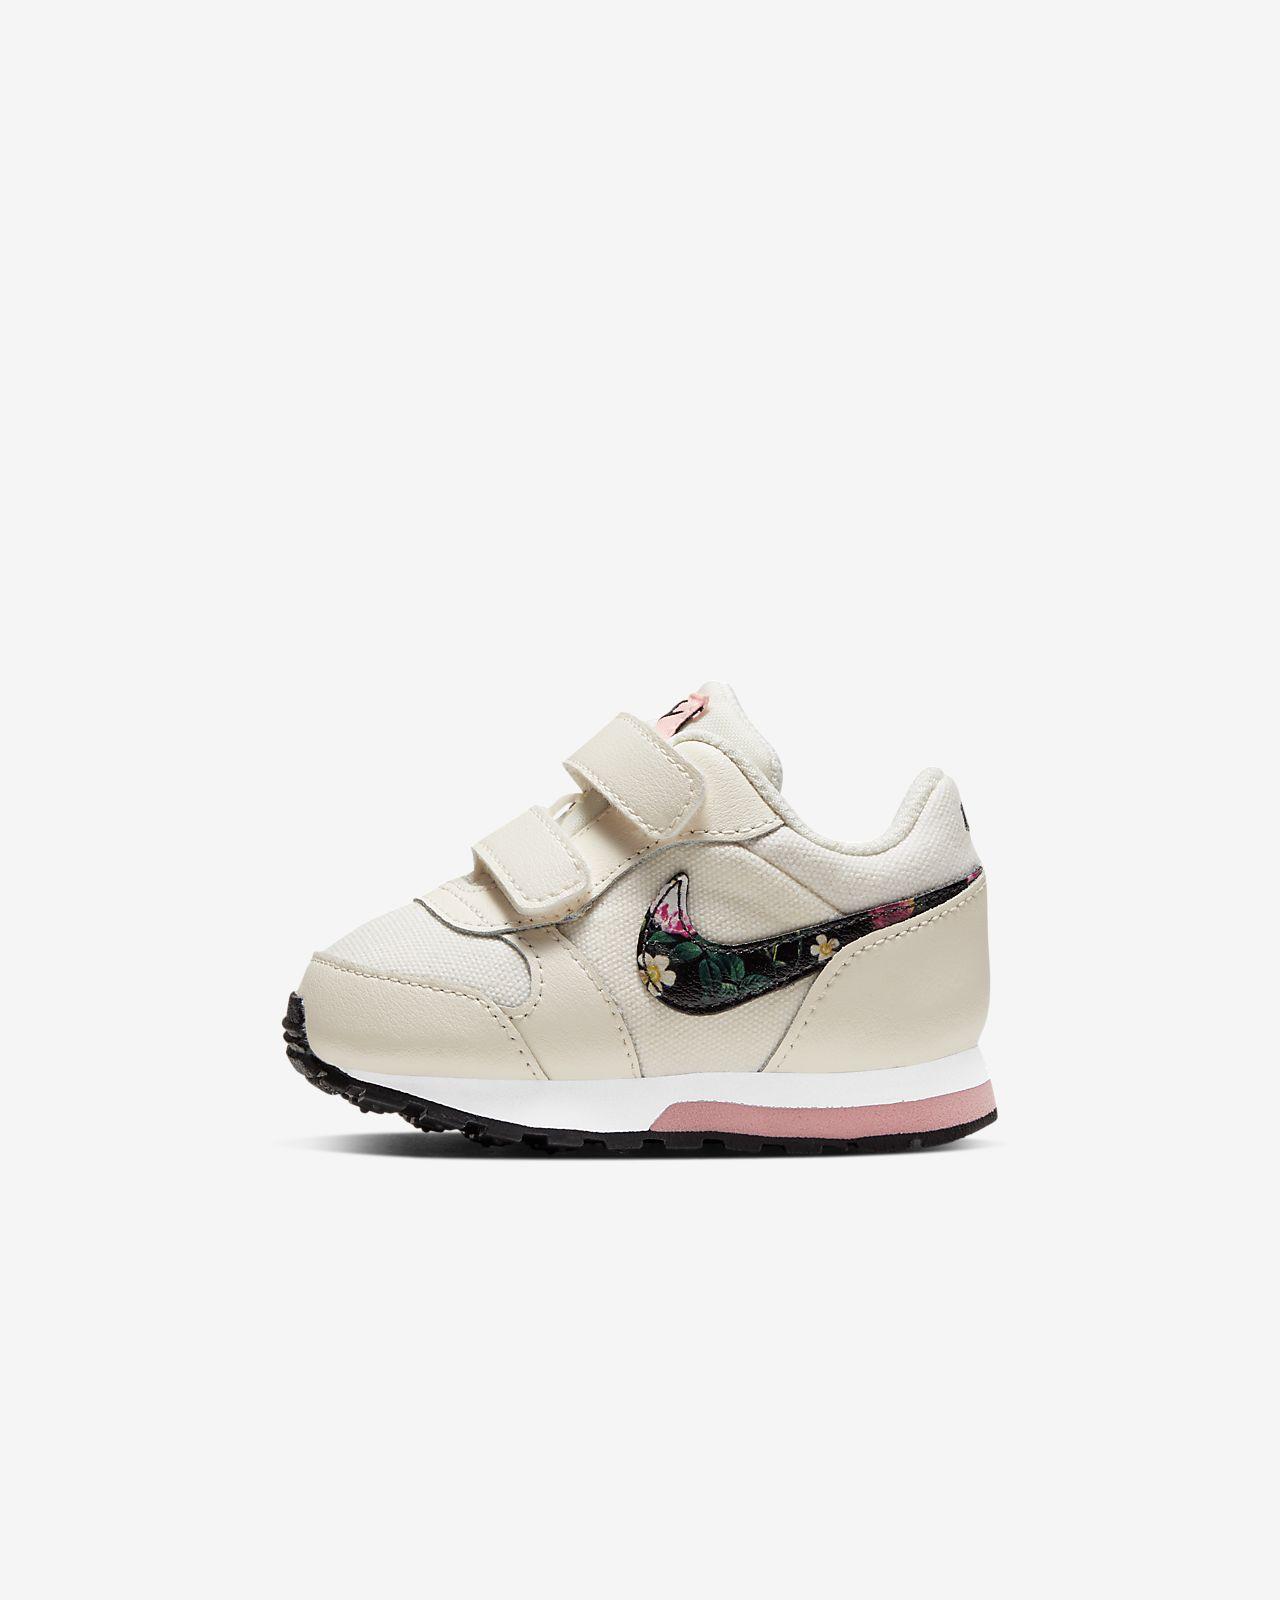 Sko Nike MD Runner 2 Vintage Floral för baby/små barn